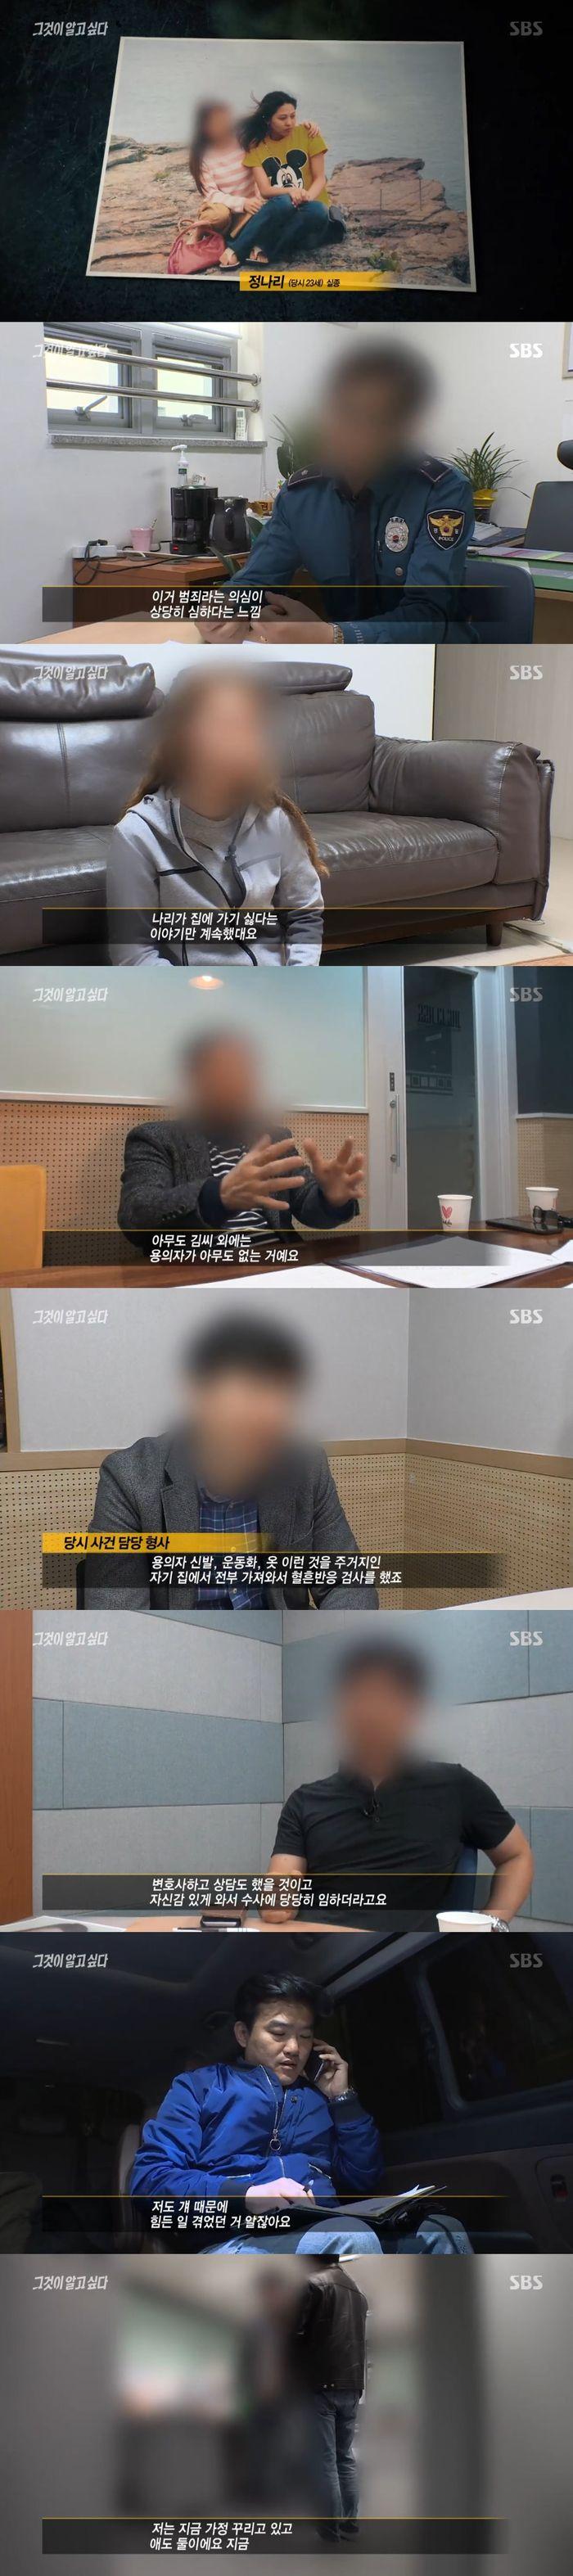 [스브스夜] '그것이 알고싶다' 대구 20대 실종사건 유력 용의자 '무죄'…실종된 정나리 씨의 미스테리